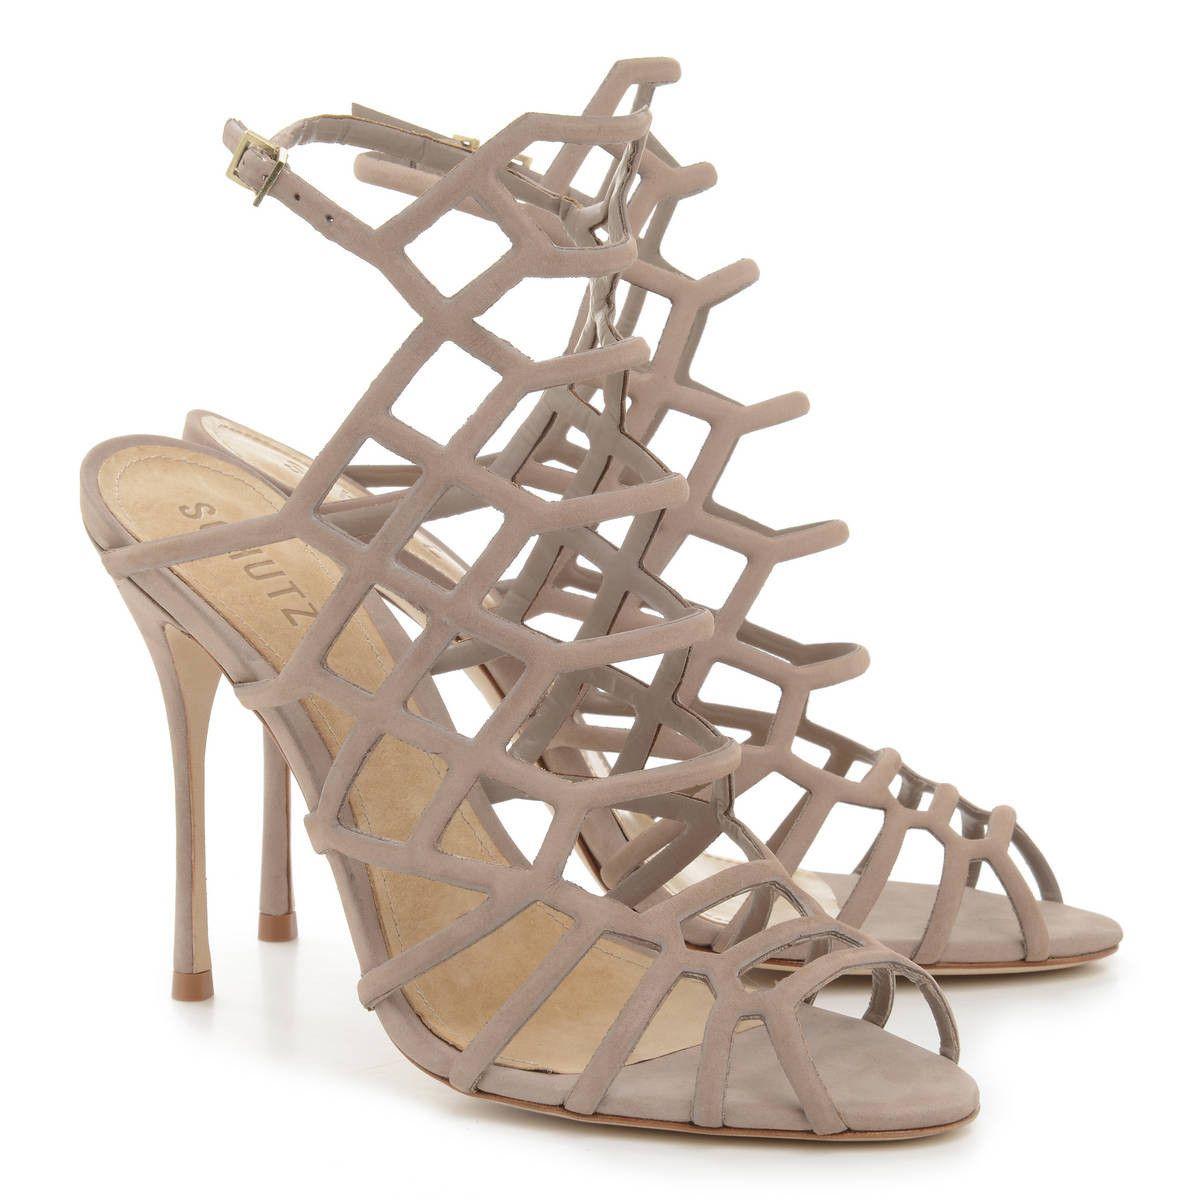 Schutz shoes summer 2015